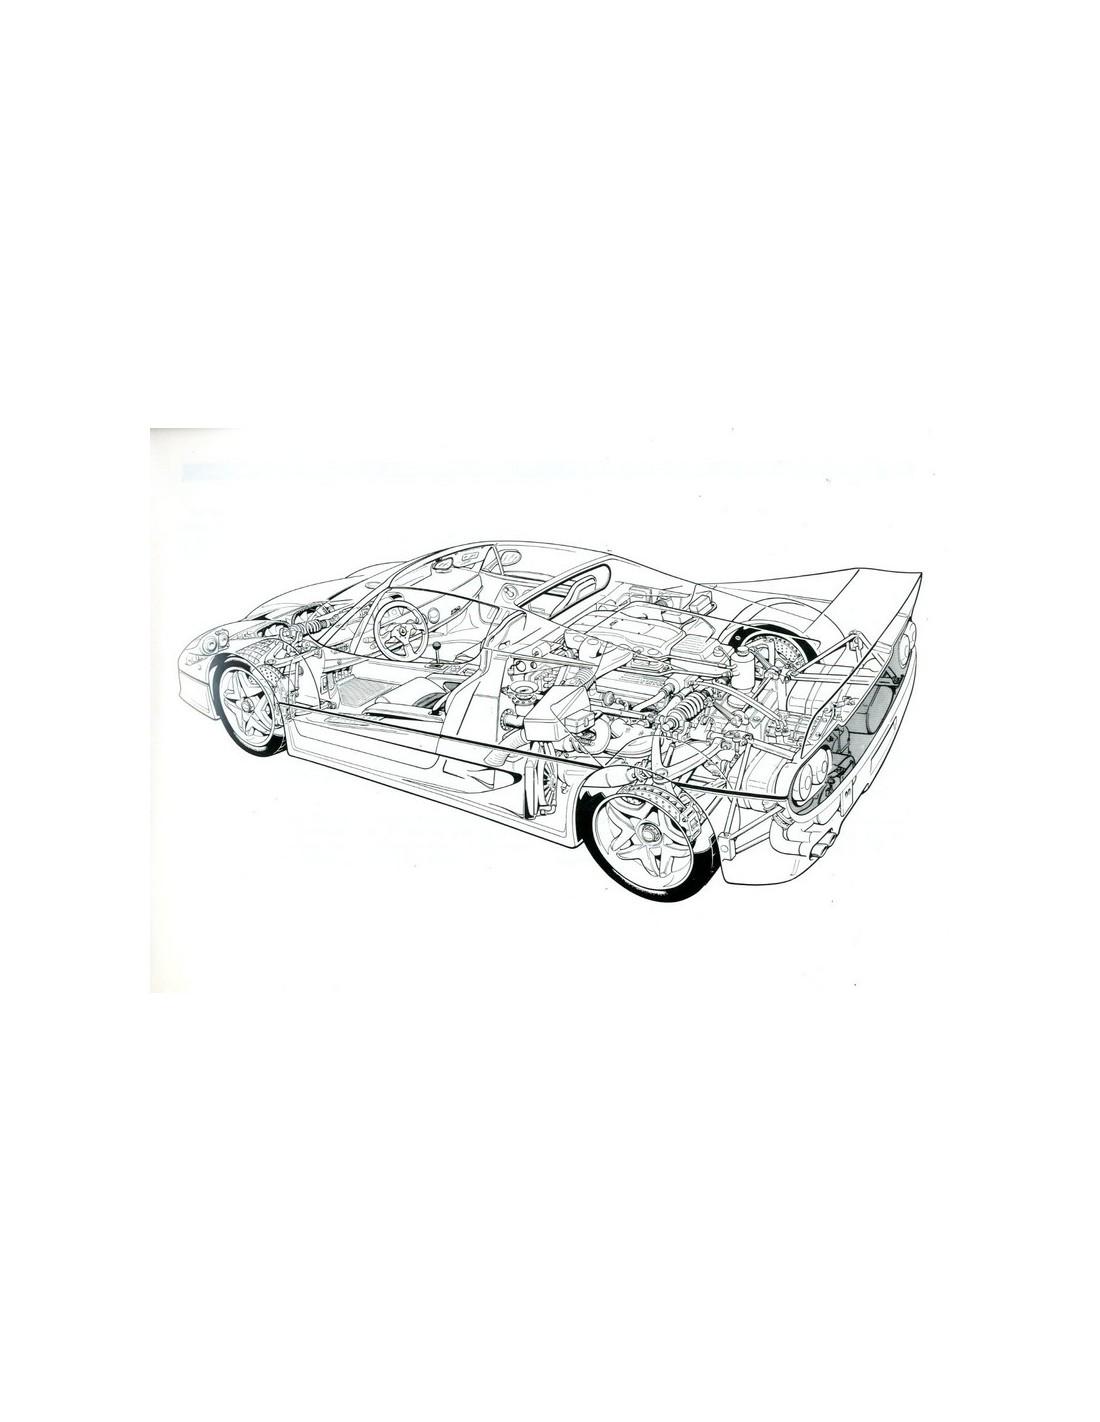 1995 FERRARI F50 BETRIEBSANLEITUNG 1034/95